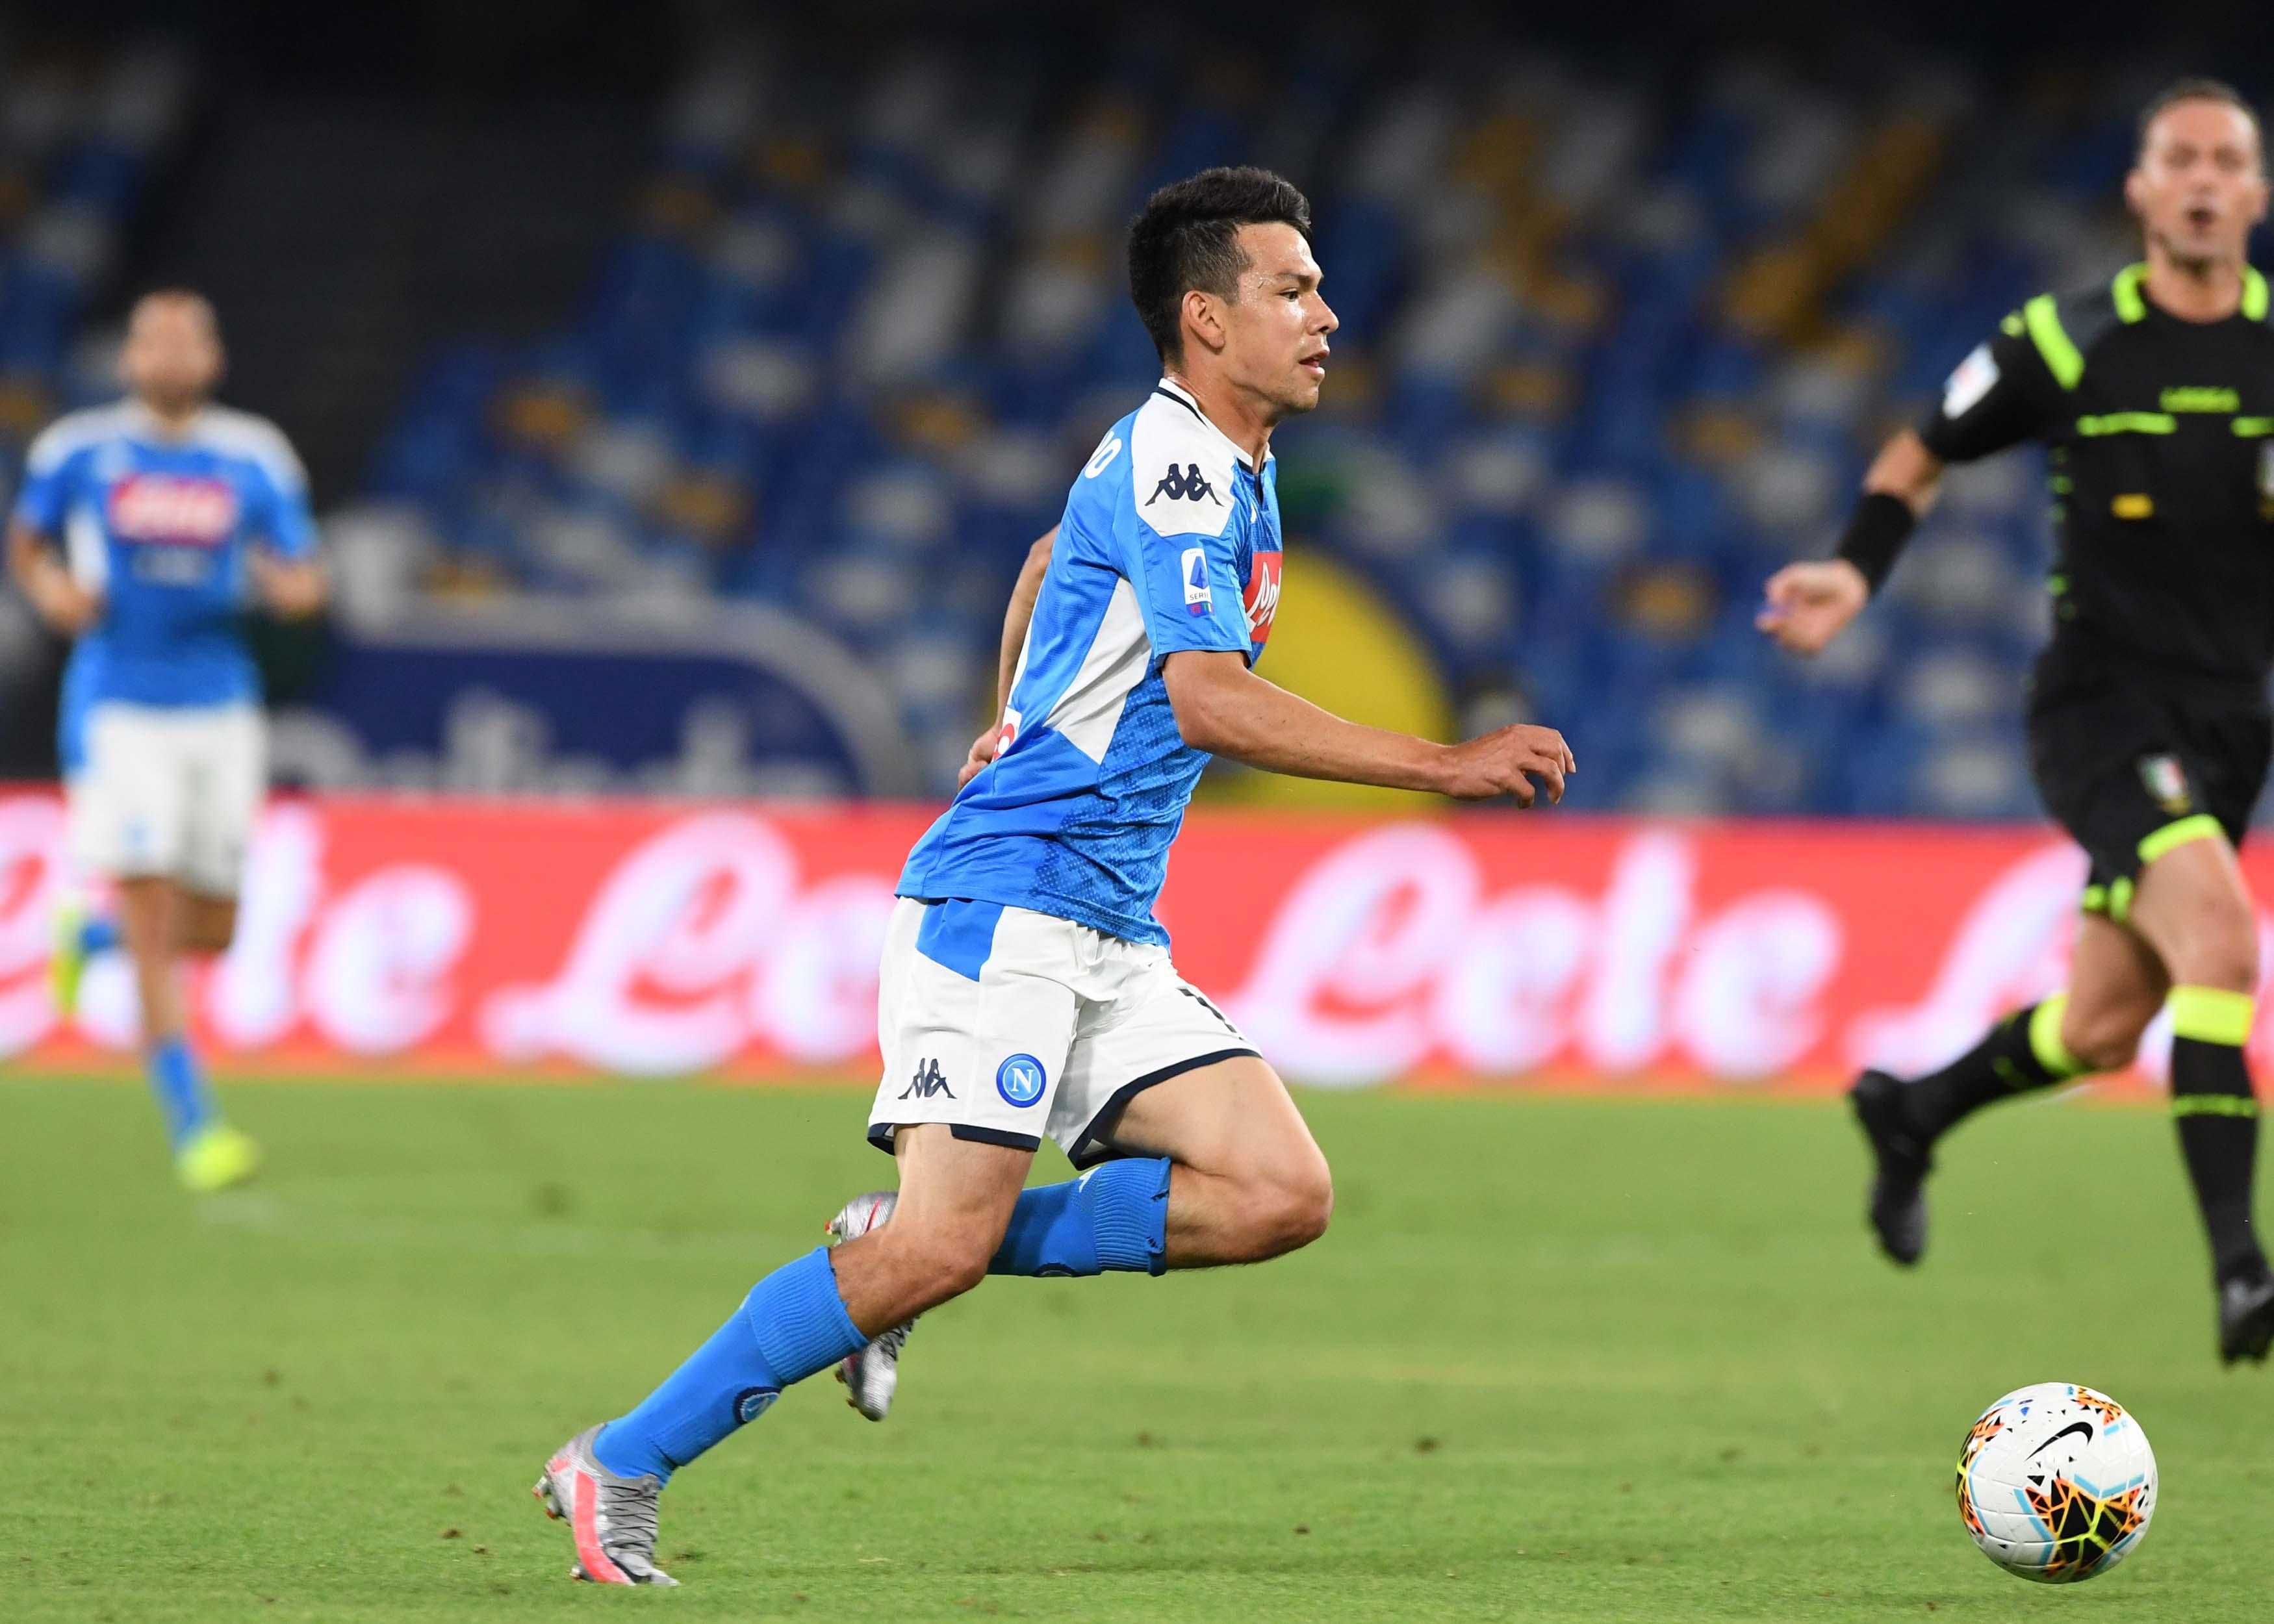 Gennaro Gattuso halaga al Chucky Lozano y resalta la velocidad del mexicano